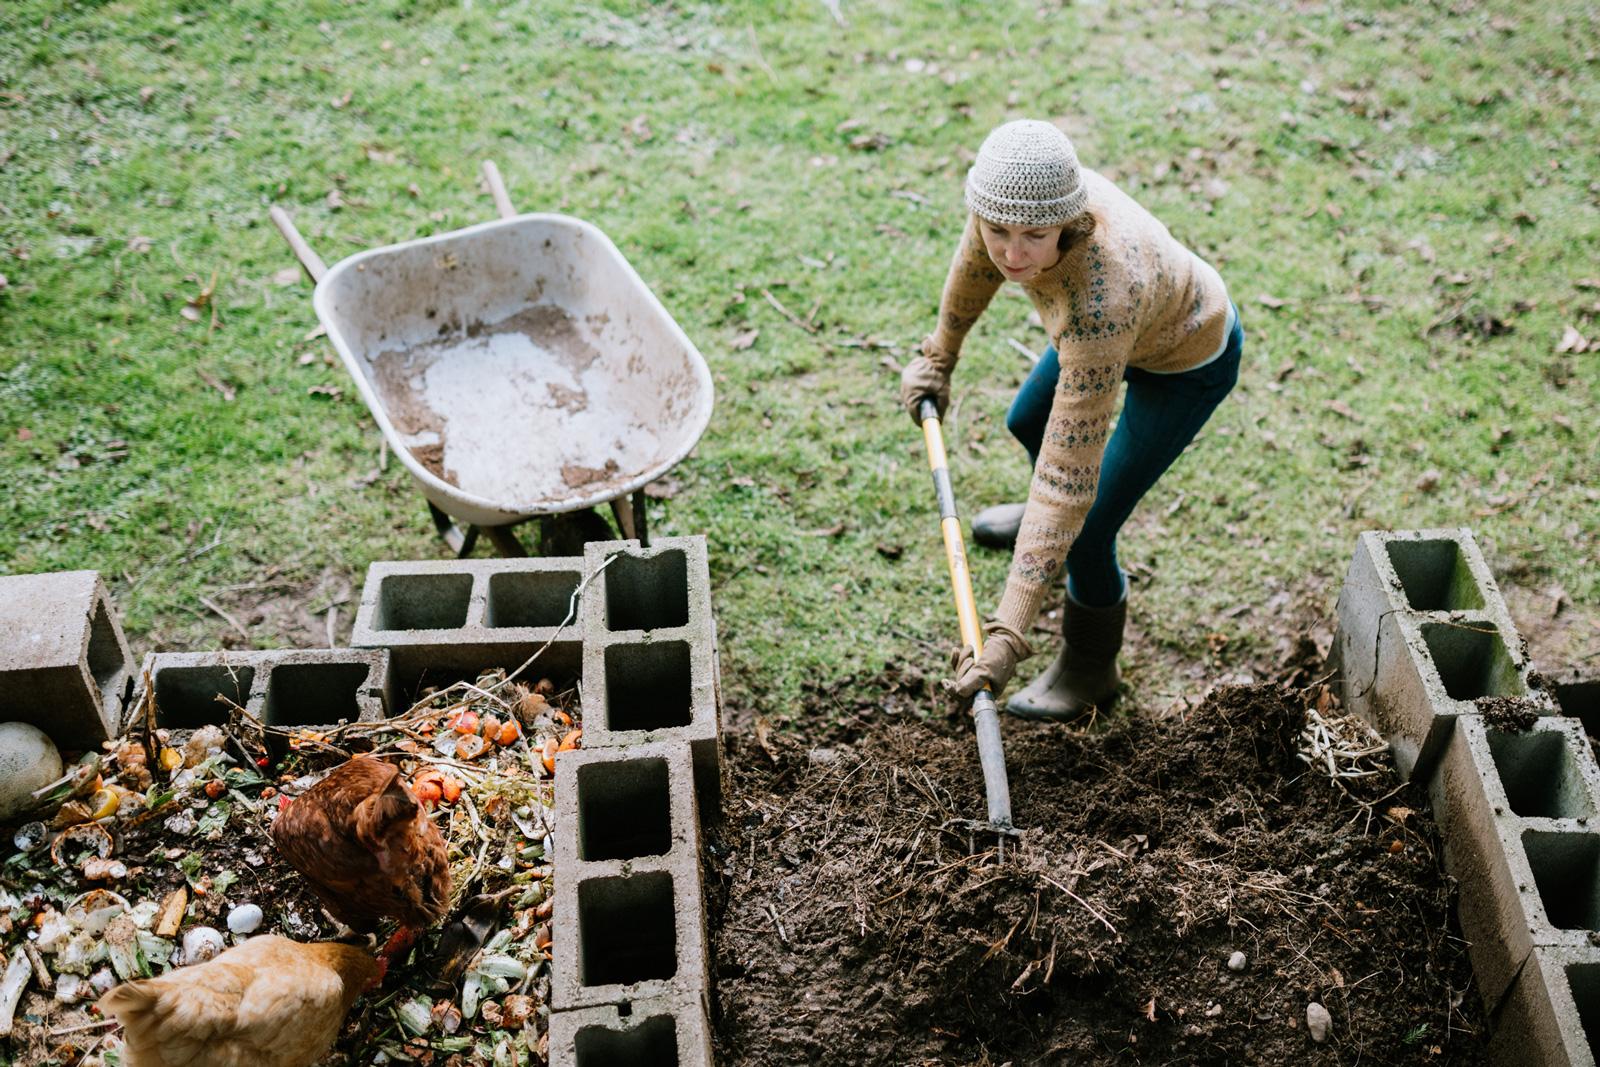 Nach sieben bis neun Monaten kann die Komposterde ausgesiebt und auf Beete aufgebracht werden.